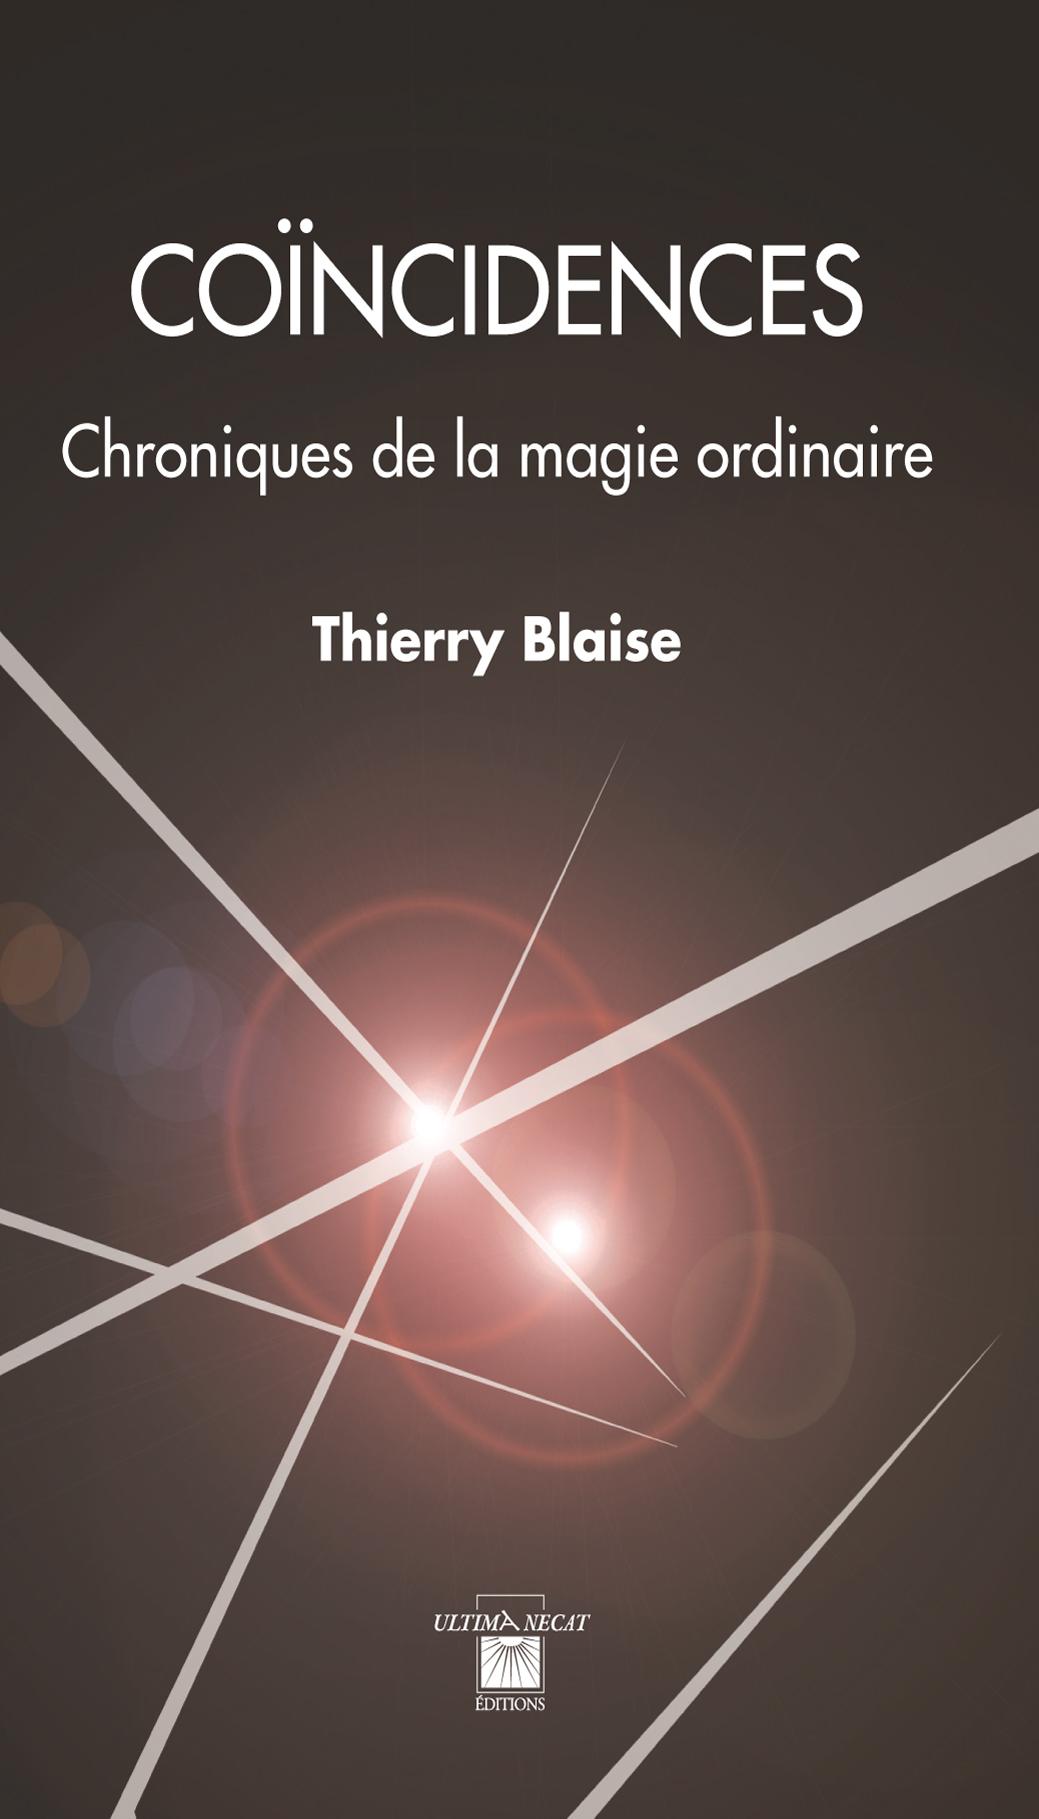 Coïncidences. Chroniques de la magie ordinaire. Thierry Blaise.